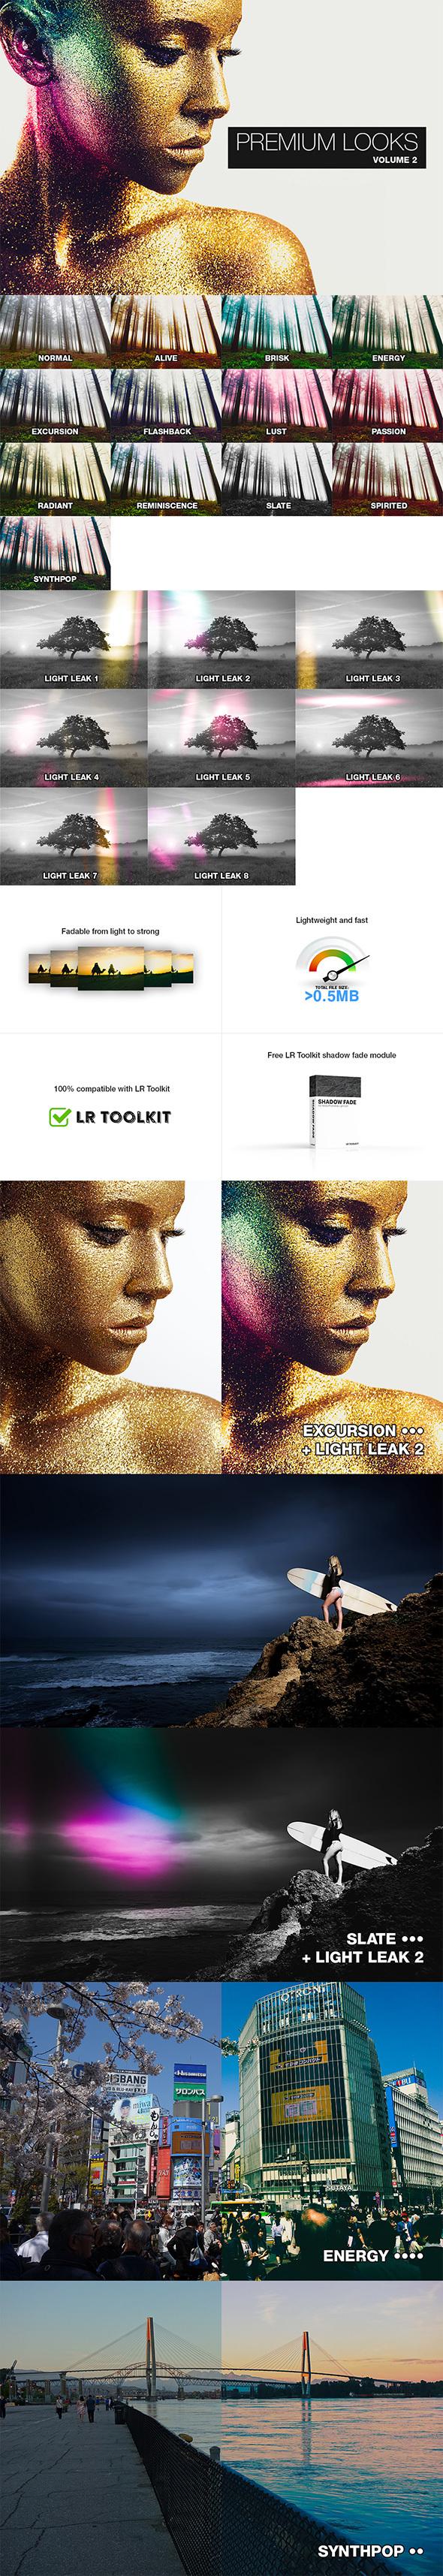 20 Premium Lightroom Presets (Vol 2) - Film Lightroom Presets